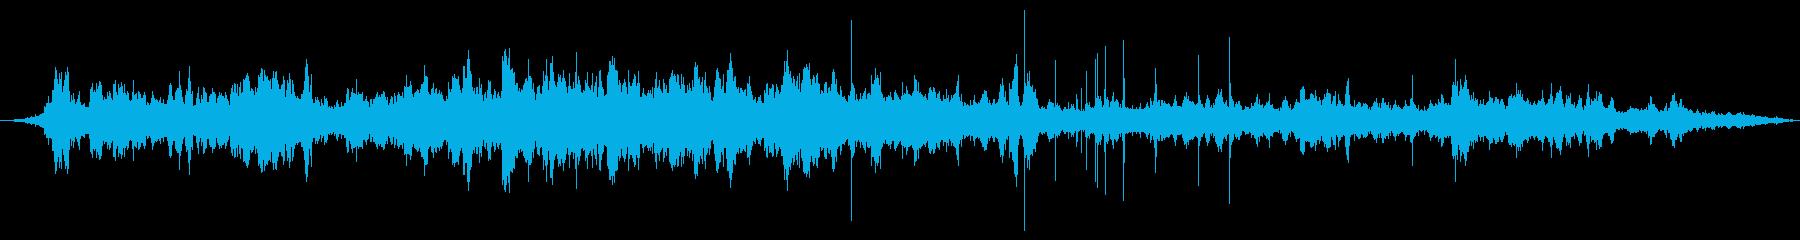 パティオグリテリオの子供たち1-00の再生済みの波形